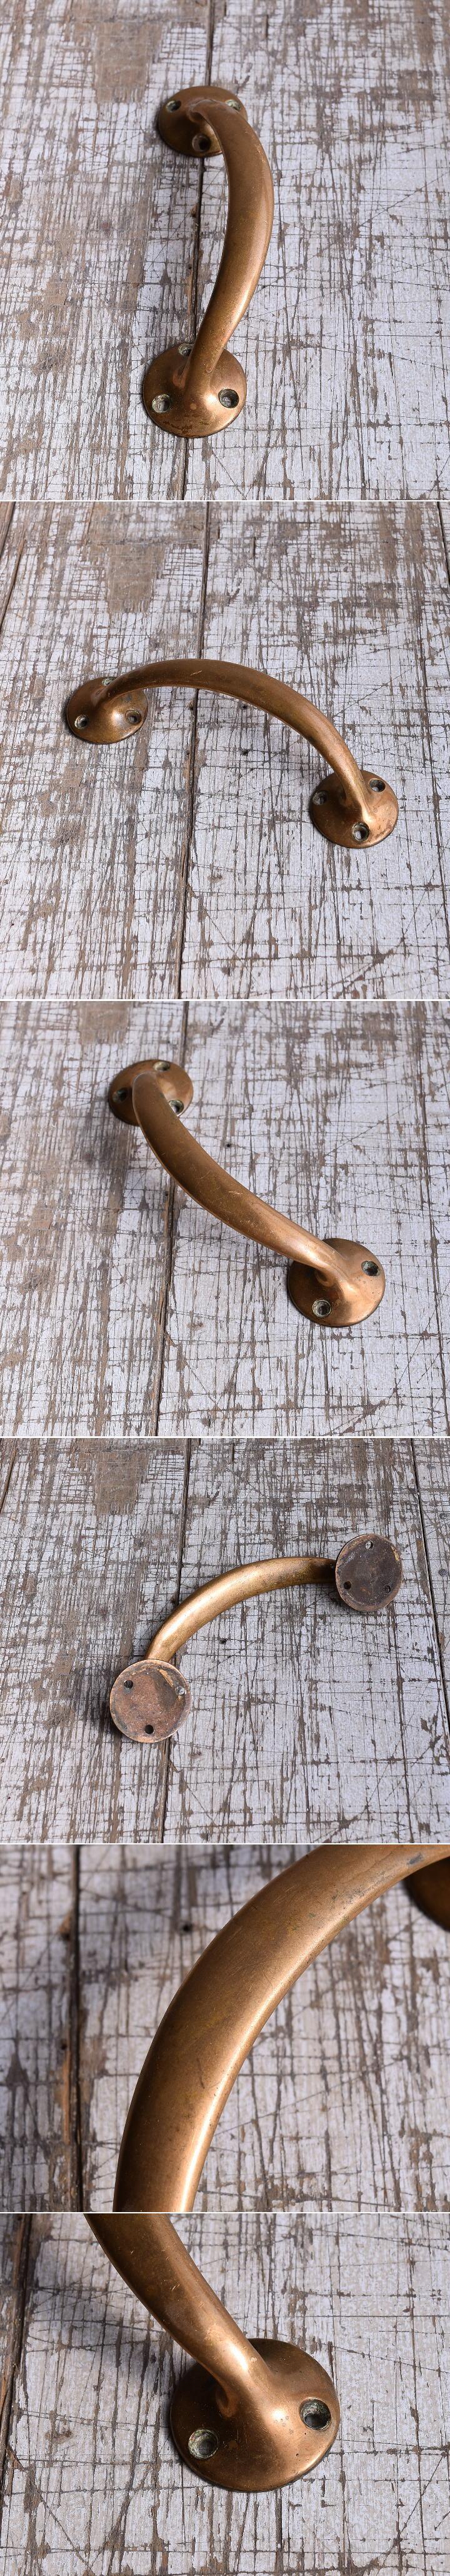 イギリス アンティーク 真鍮ハンドル 建具金物 取っ手 9419